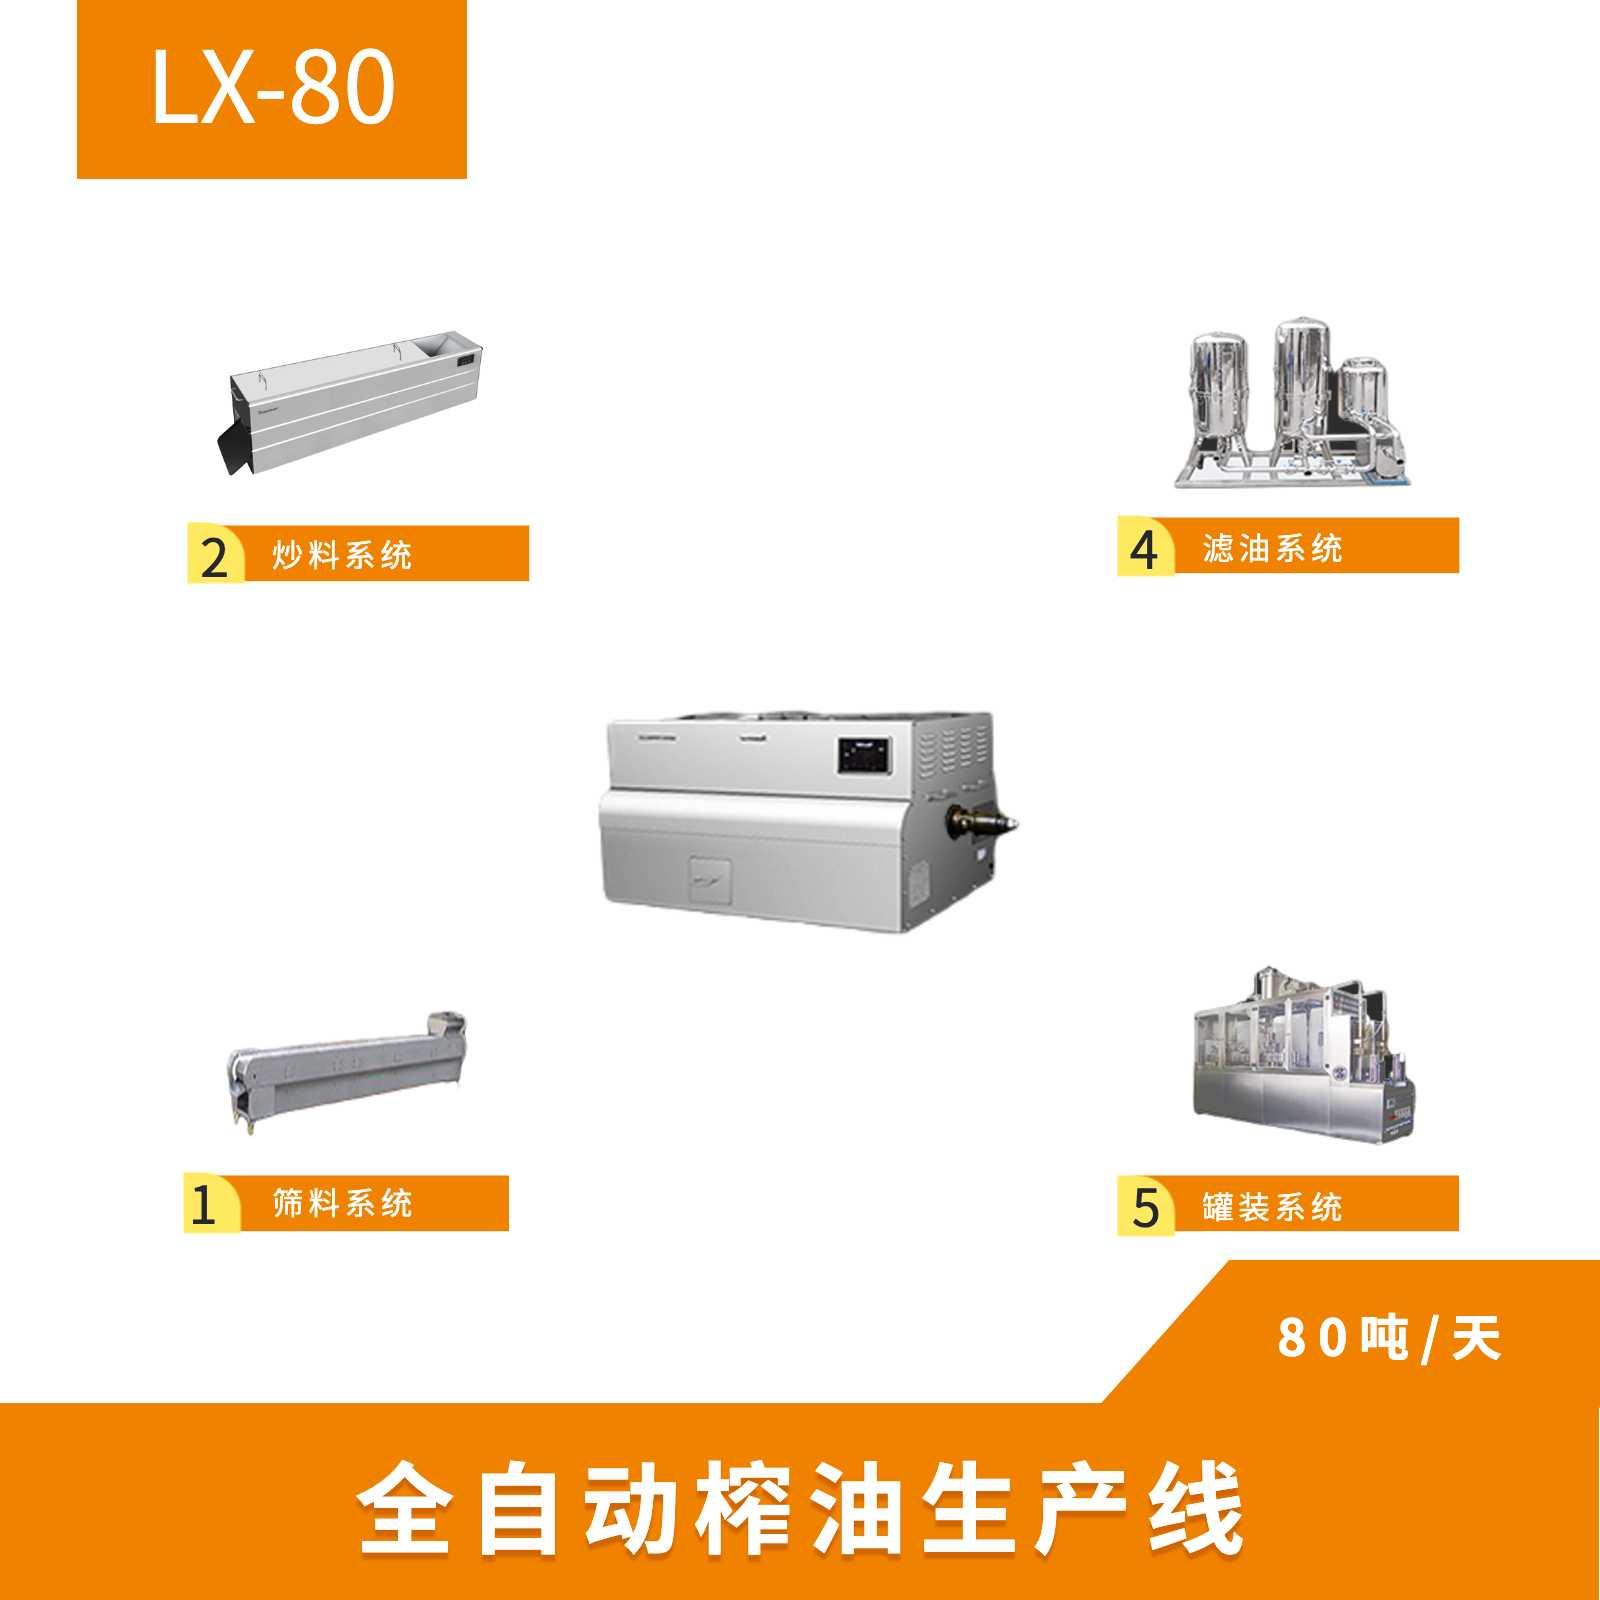 全自动榨油生产线 LX-80